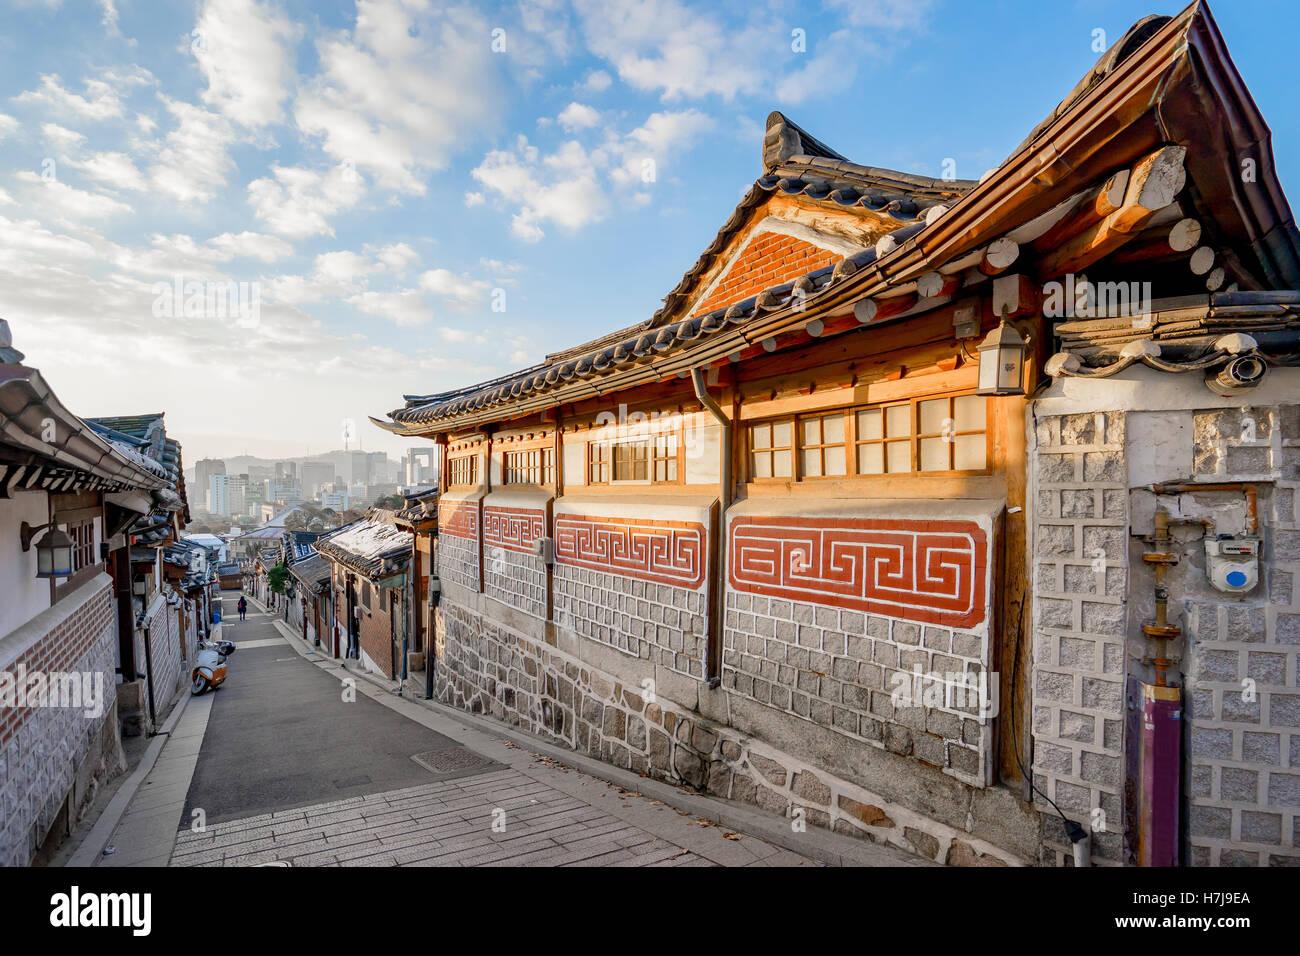 Arquitectura de estilo tradicional coreano en el pueblo de Bukchon Hanok en Seúl, Corea del Sur. Imagen De Stock